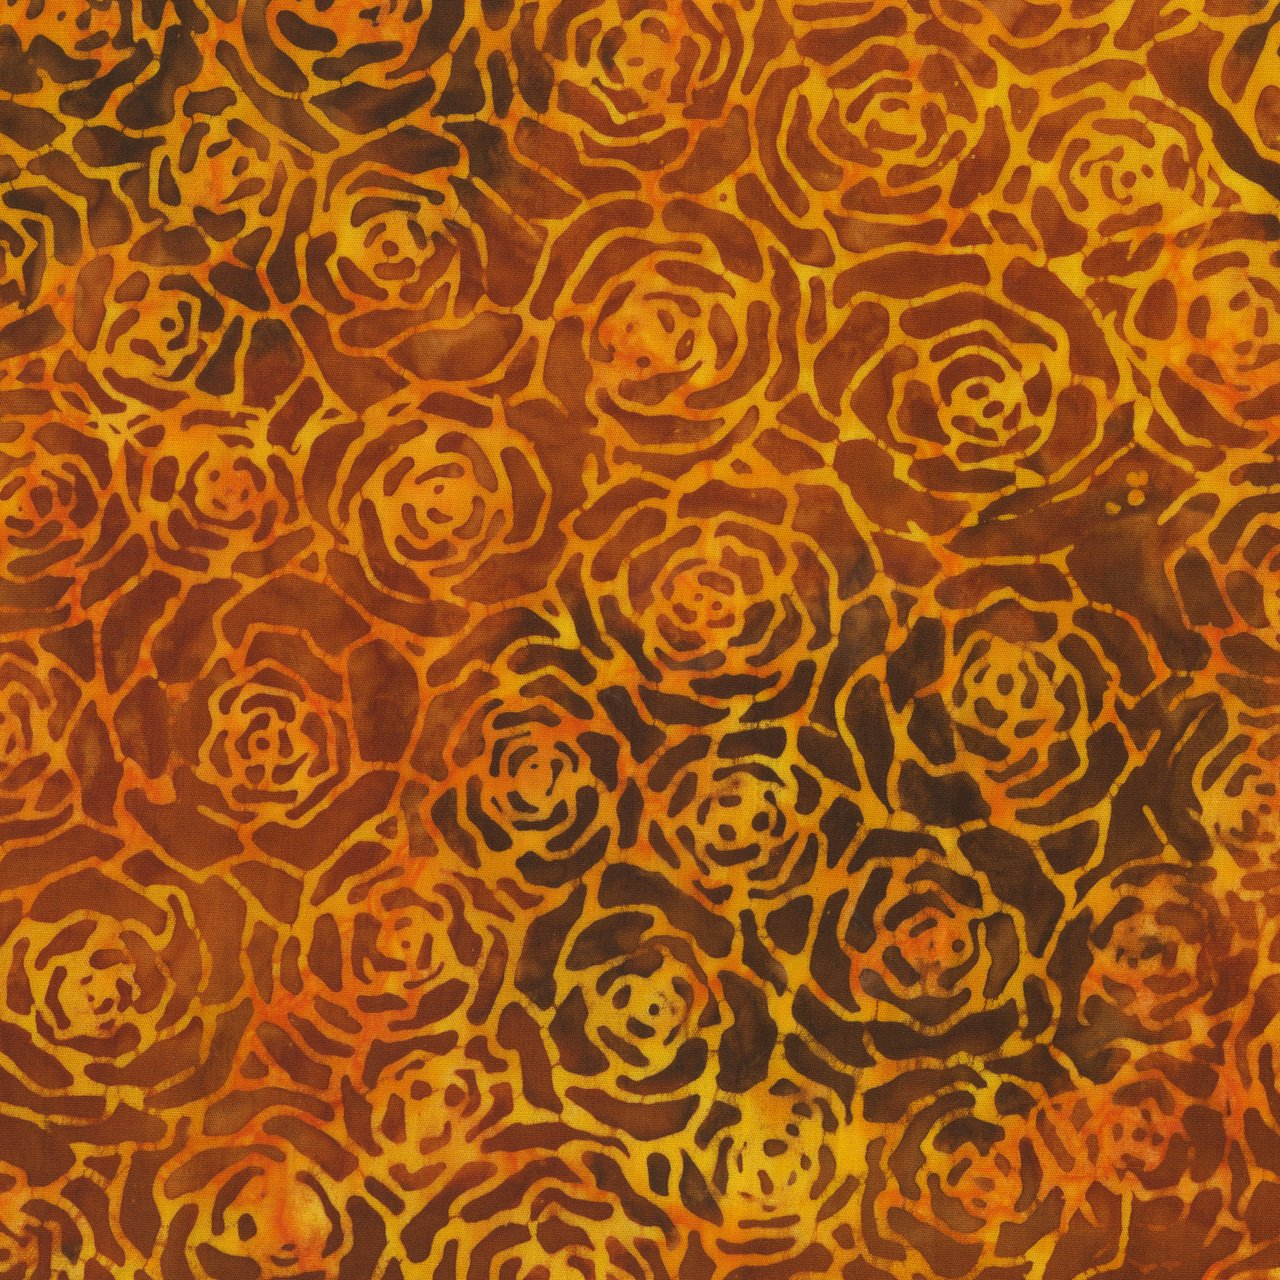 Batik Quiltessentials 400Q-5 by Anthology